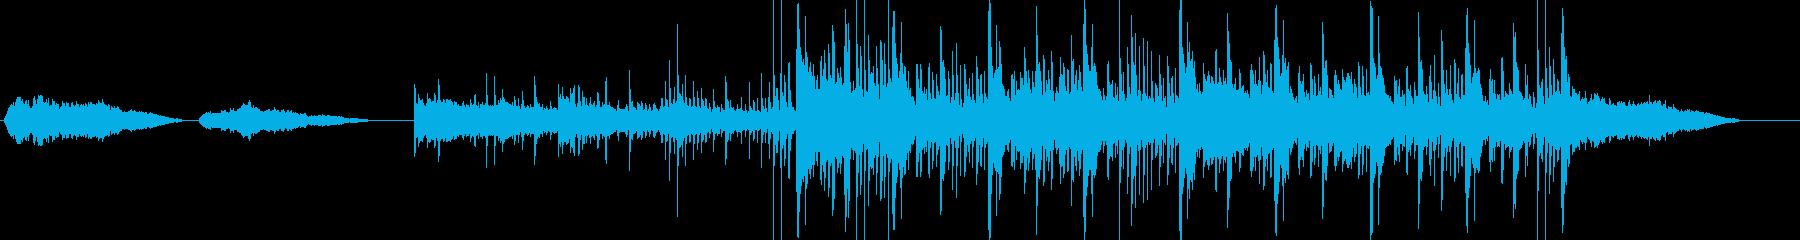 オリエンタル/アラビア文字の映画の...の再生済みの波形